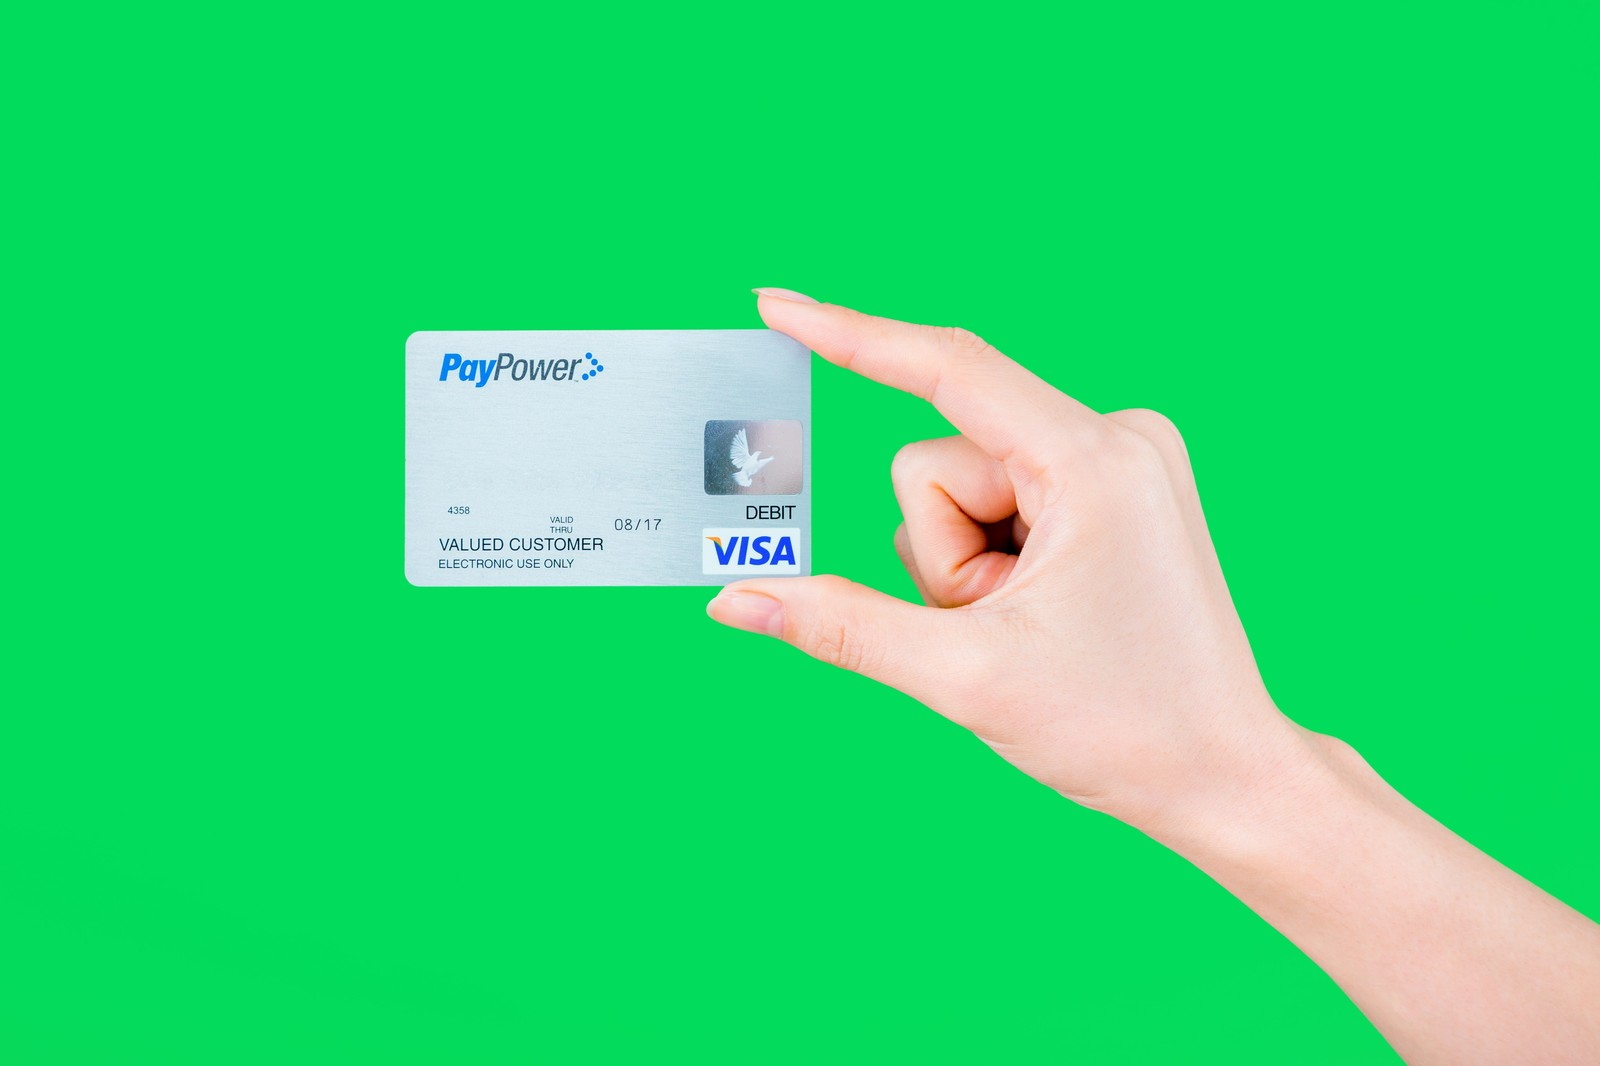 クレジットカードを安全に破棄する方法は?忘れがちなポイントを最終チェック!